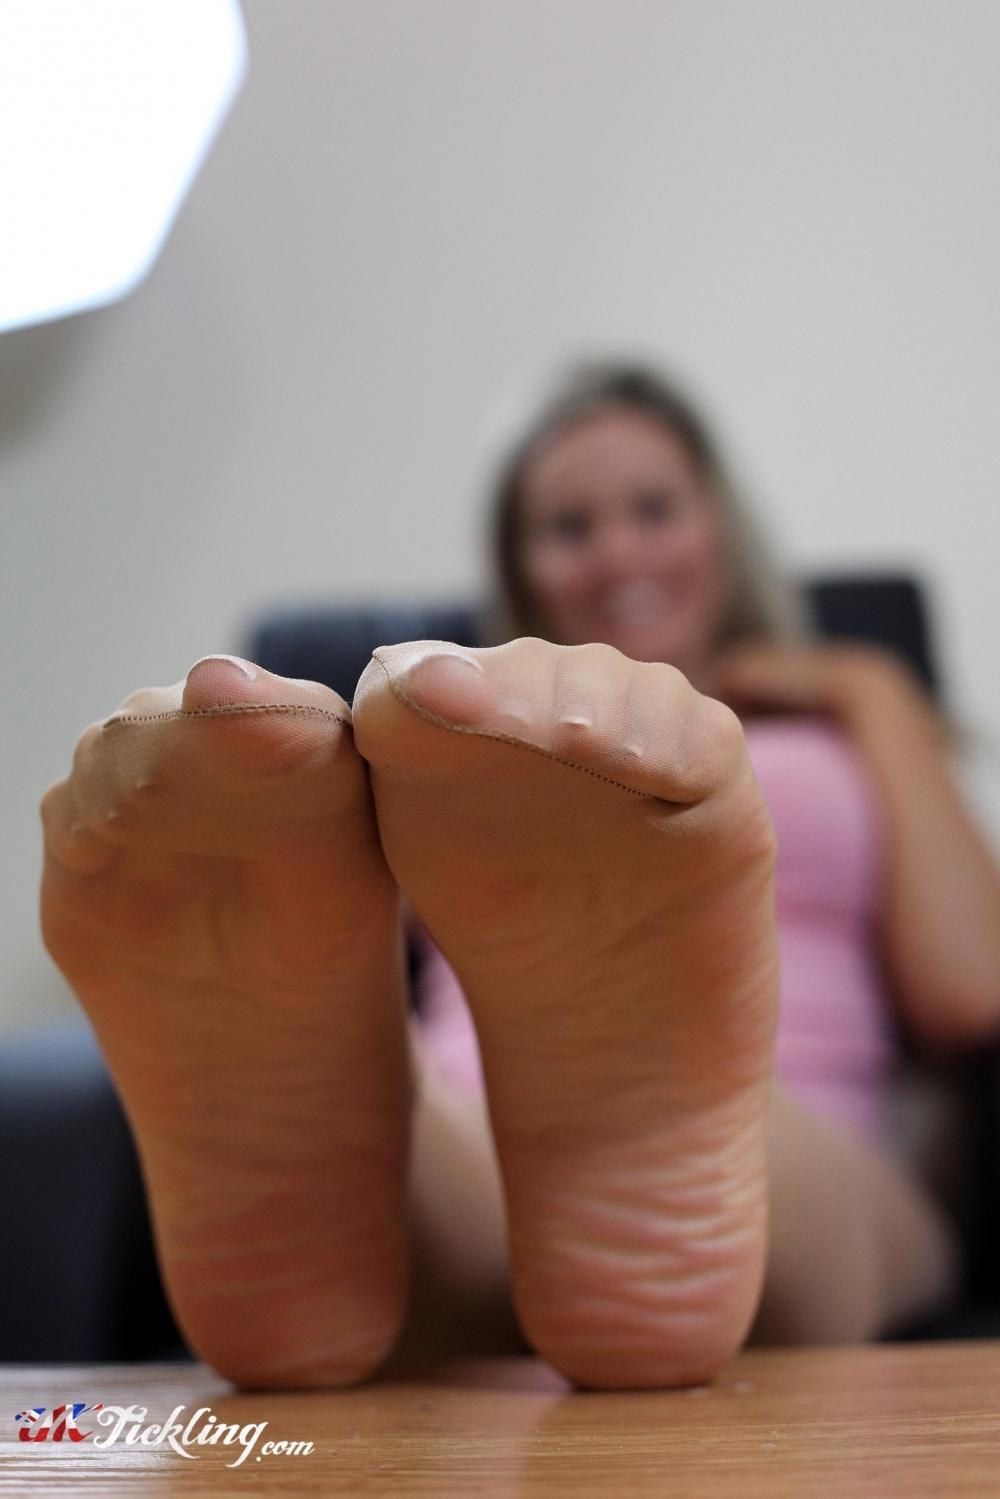 Izzy Uk Tickling Stunning uk tickling   galleries   photos   kate banks (izzy)